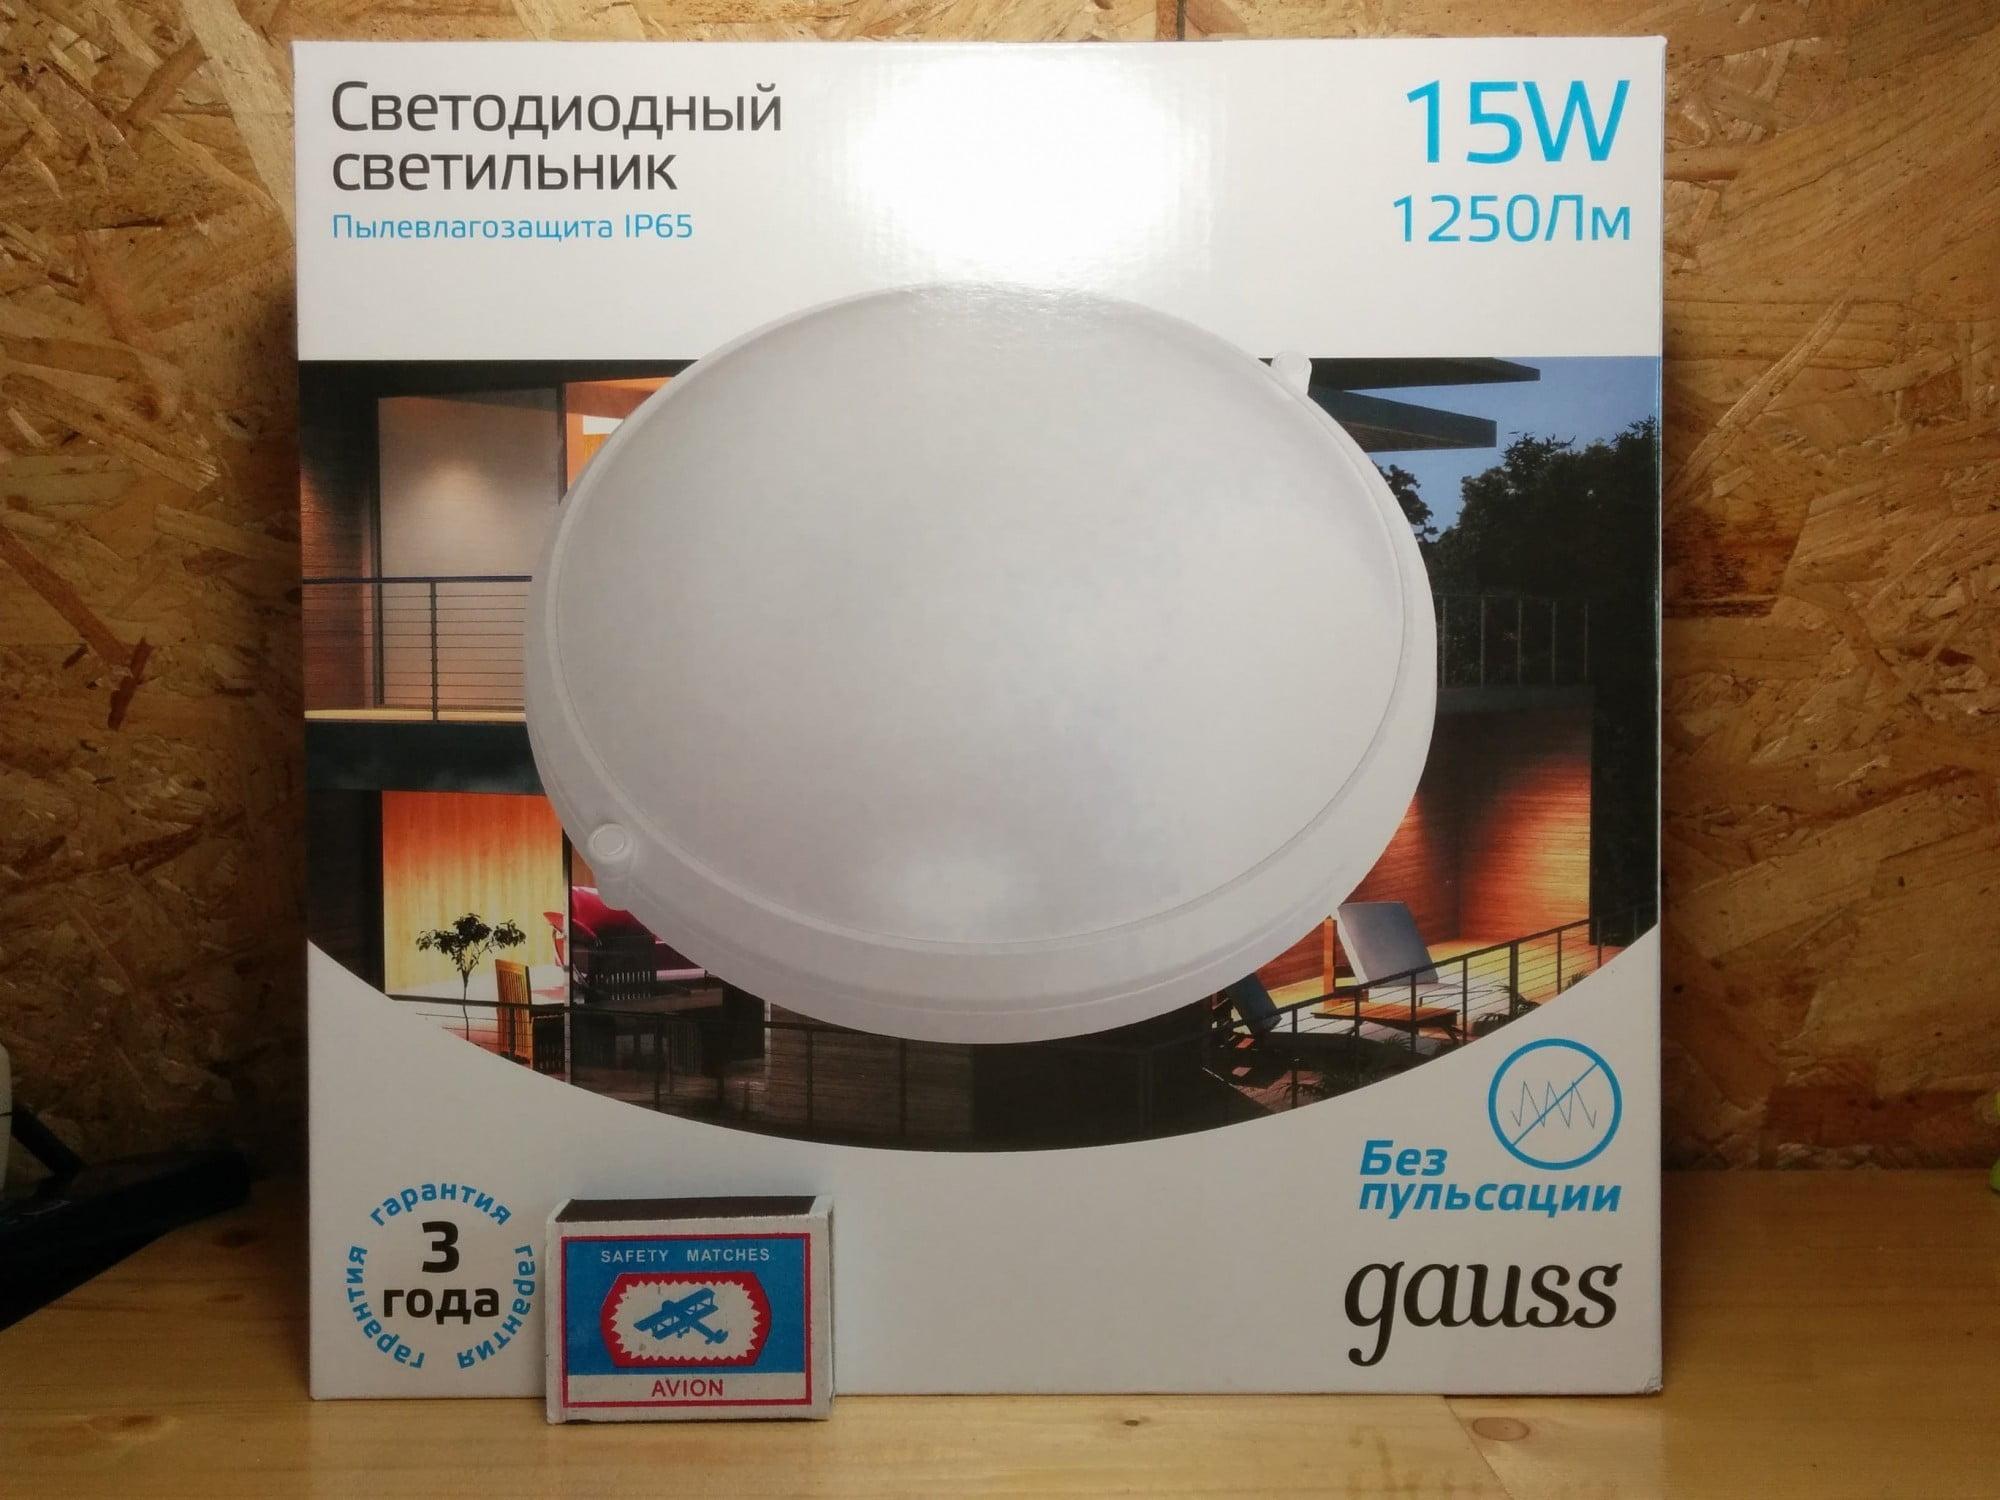 Светодиодный светильник Gauss круглый IP65 15W 6500K 1/6 арт. 141411315 упаковка